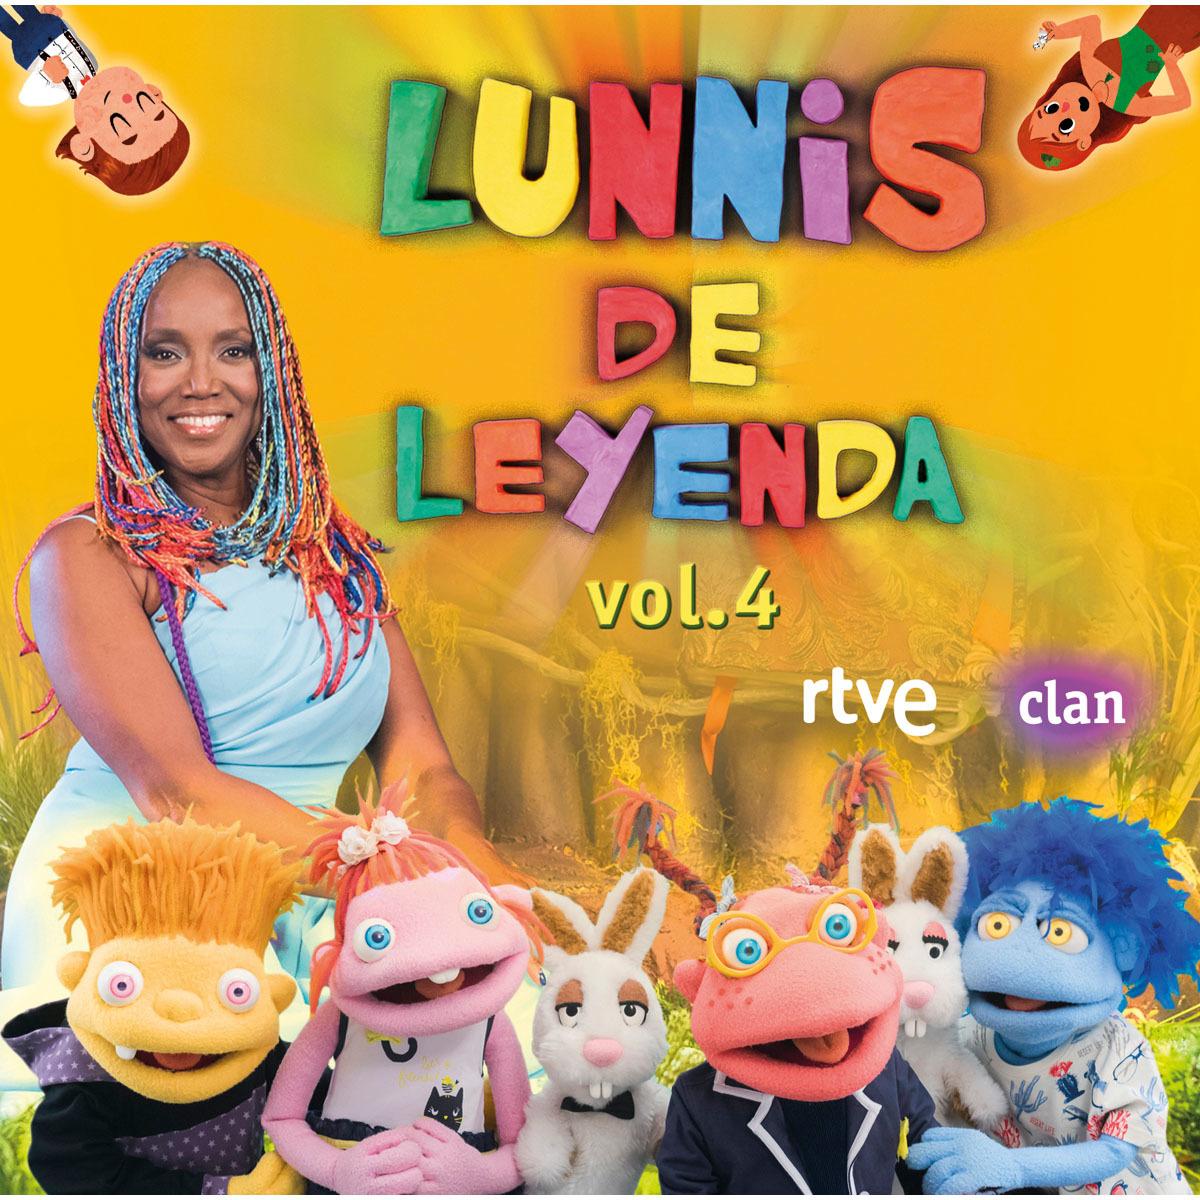 LUNNIS DE LEYENDA VOL 4